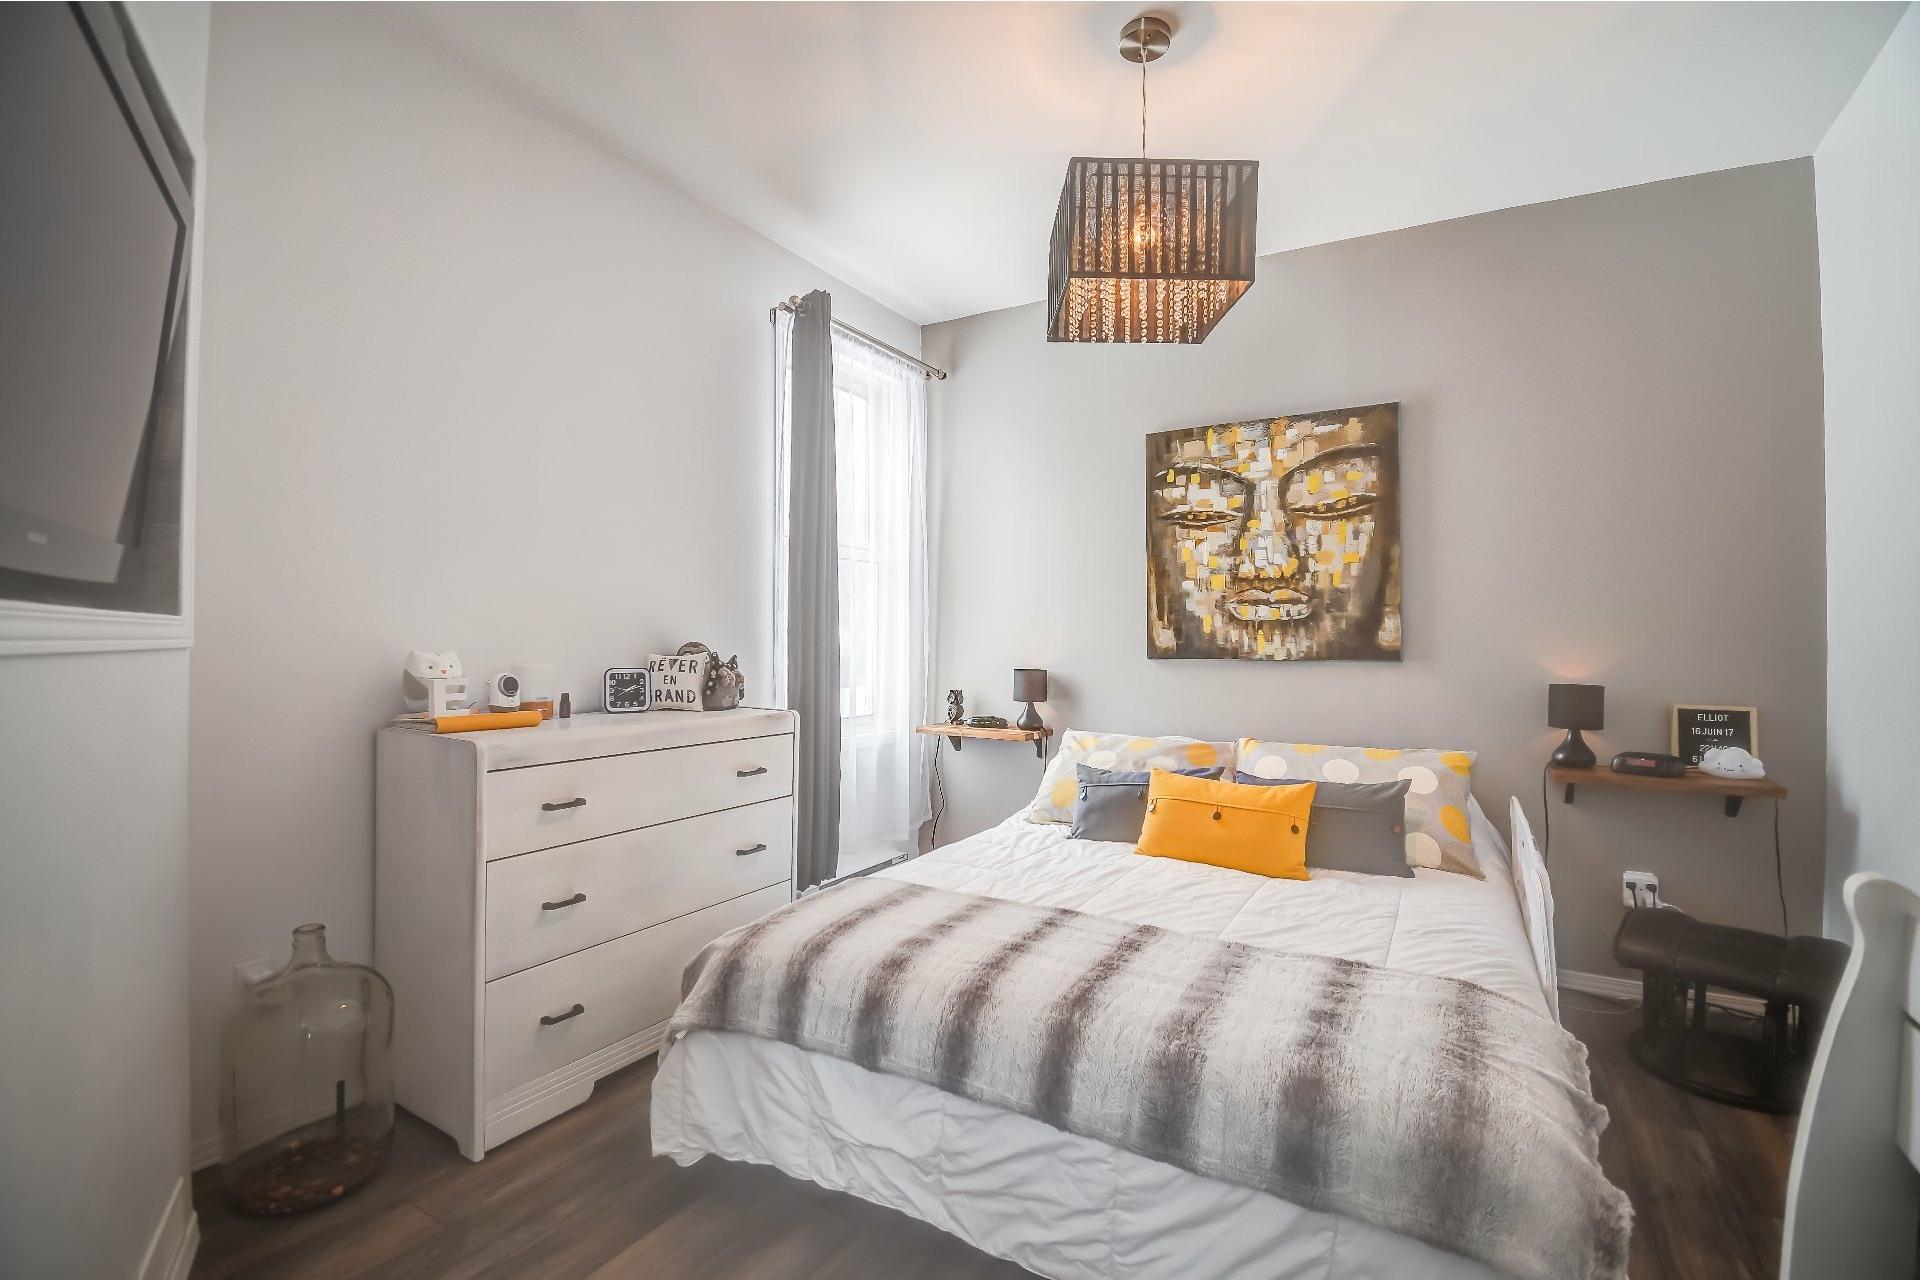 image 8 - Duplex À vendre Trois-Rivières - 3 pièces